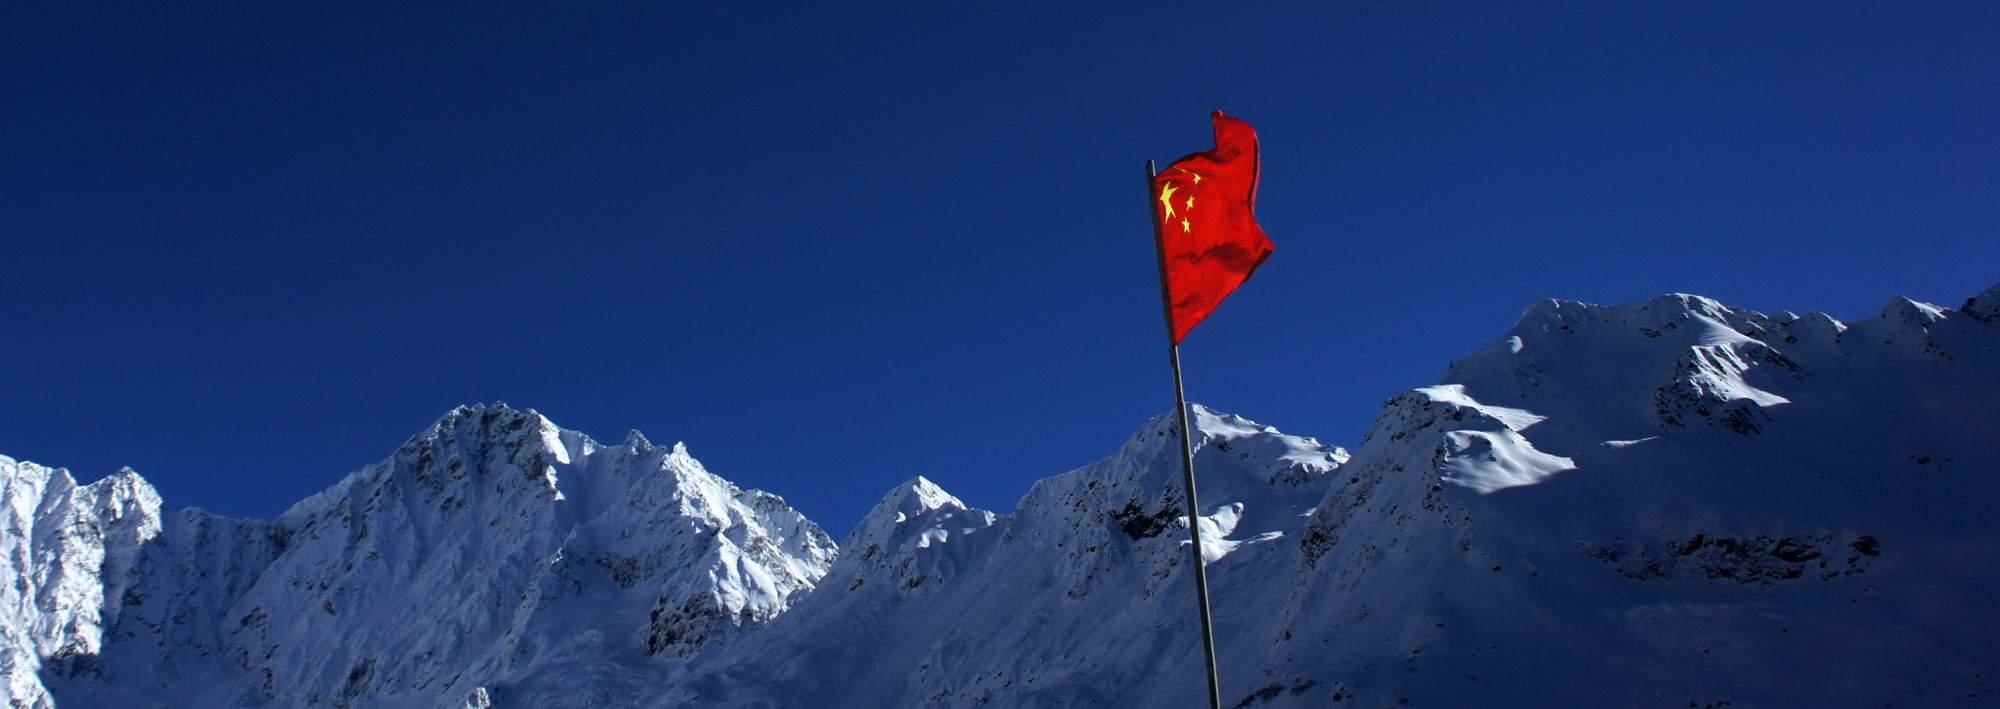 """中印边境再起事端,中方批印度不合理要求增加谈判困难,""""争控""""成两国边境问题关键词"""